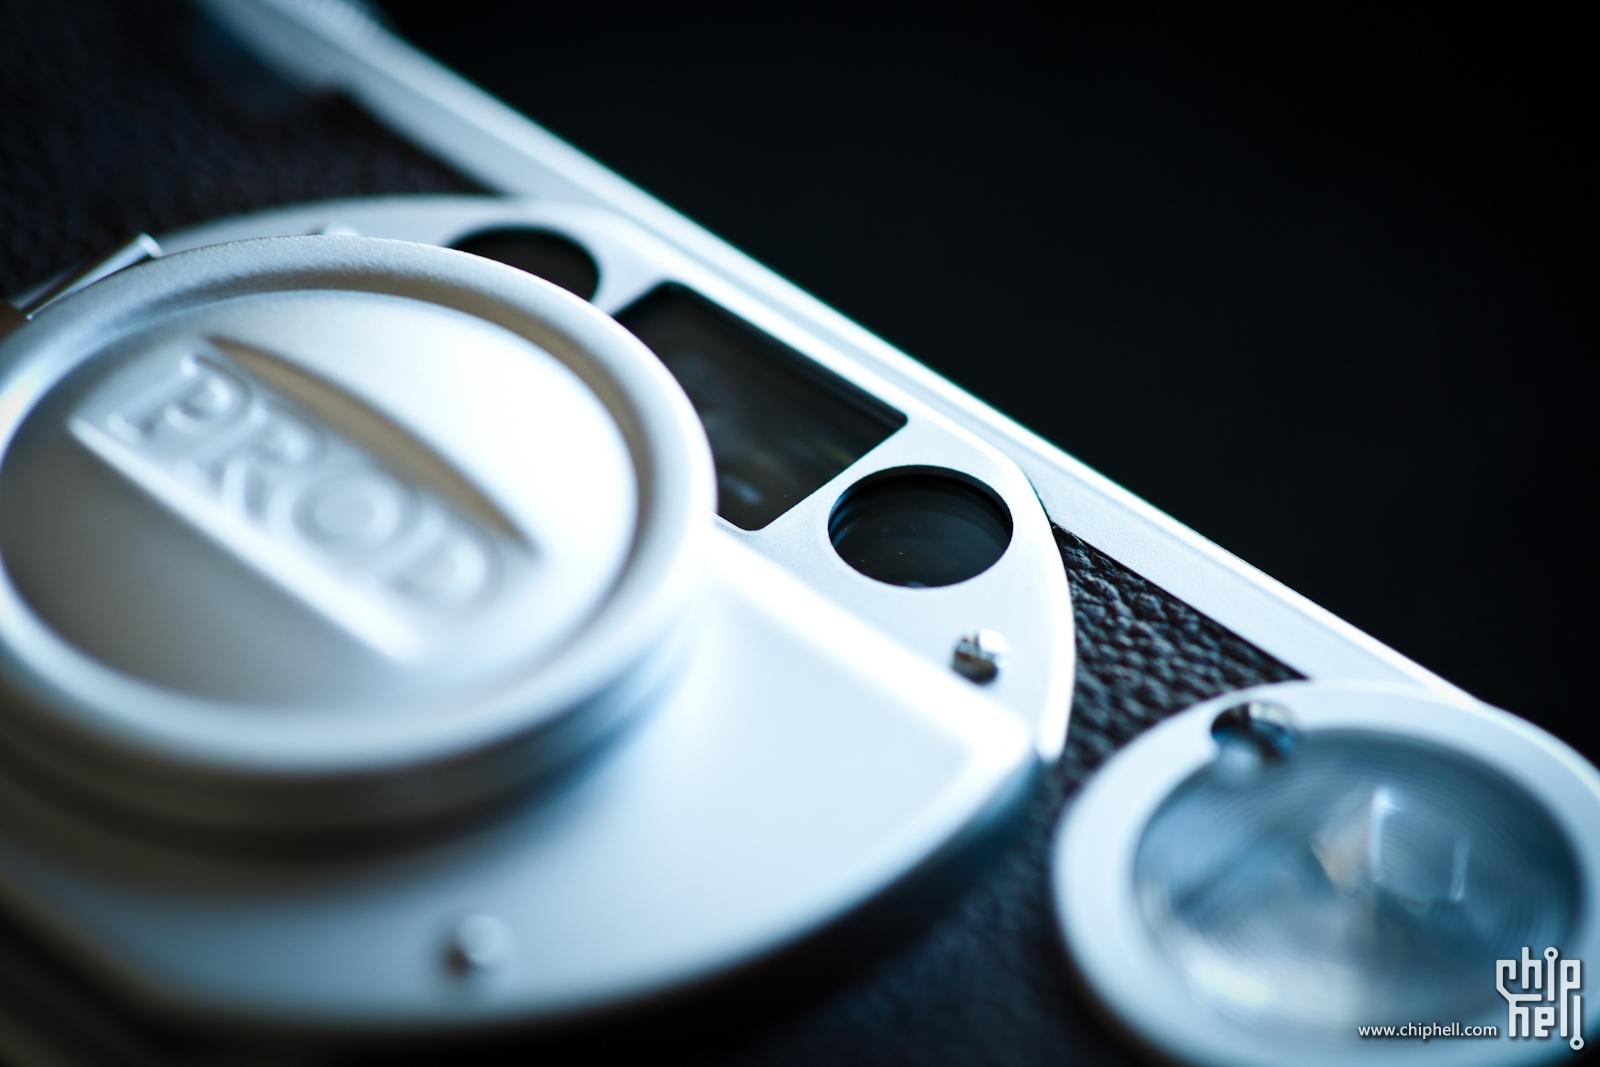 Minolta Prod 20S限量版亮骚机简易开箱-By Chh:shen7911-菲林中文-独立胶片摄影门户!